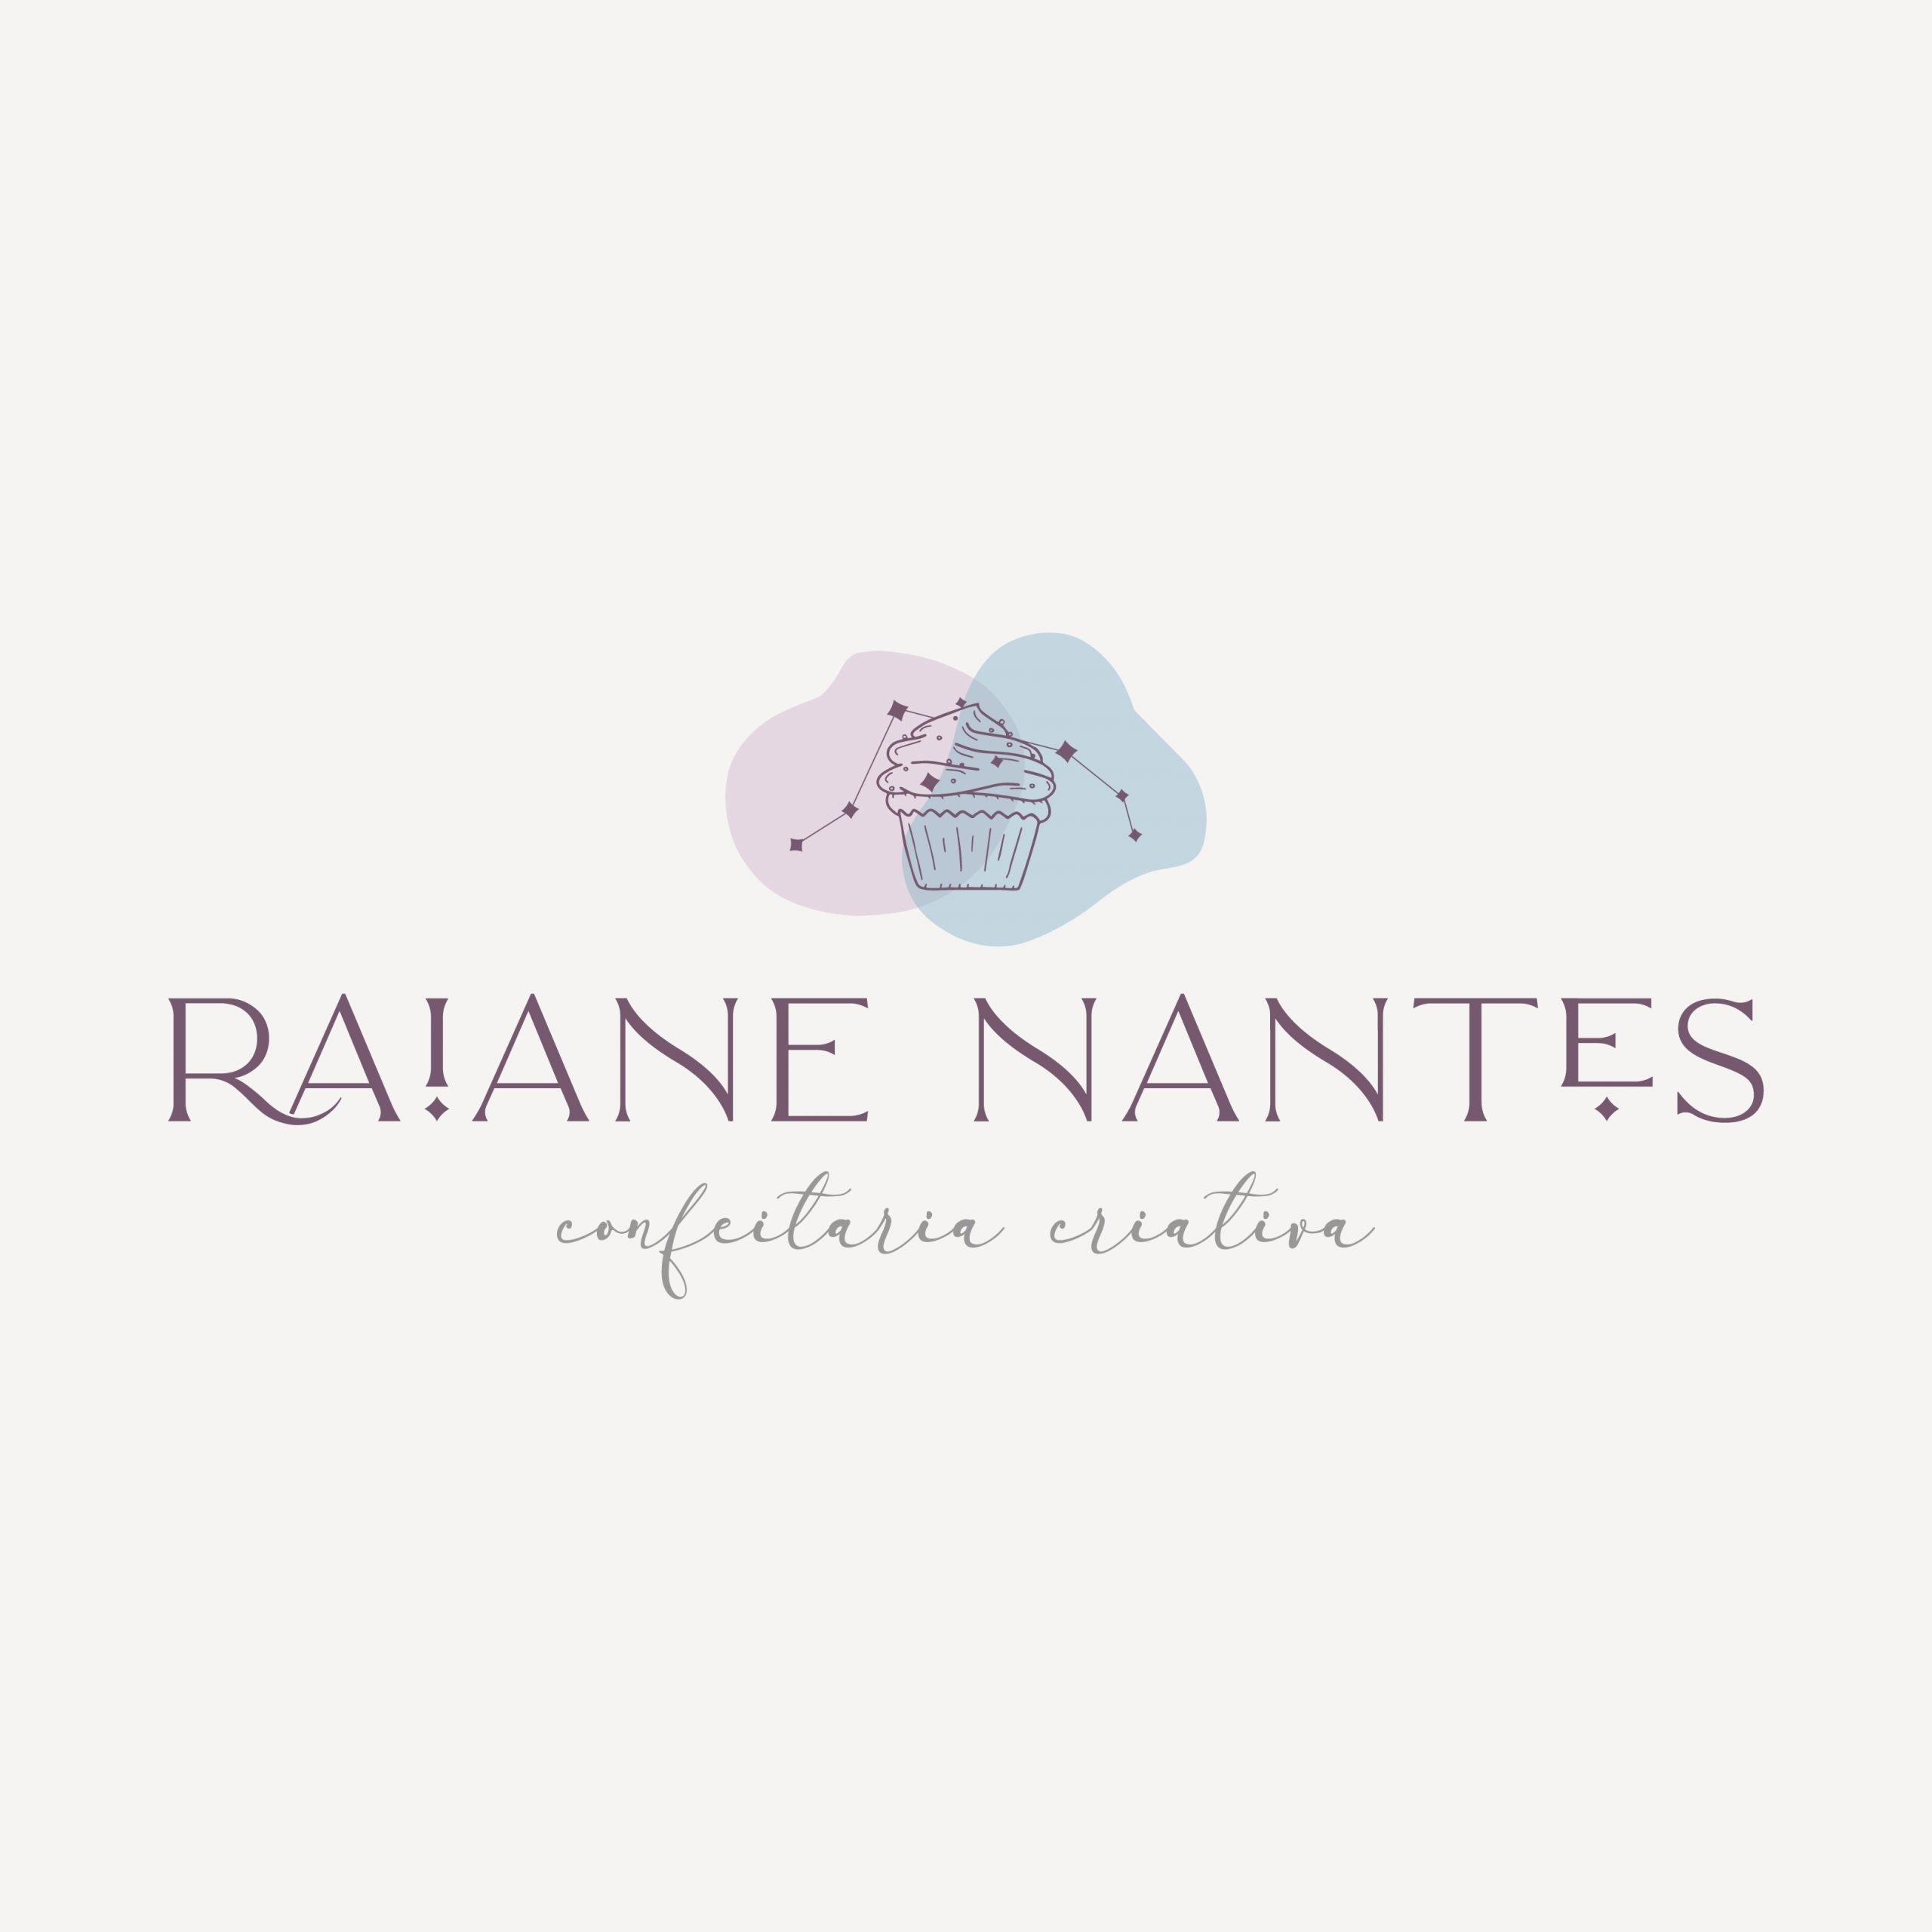 Identidade Visual Empresarial - Raiane Nantes